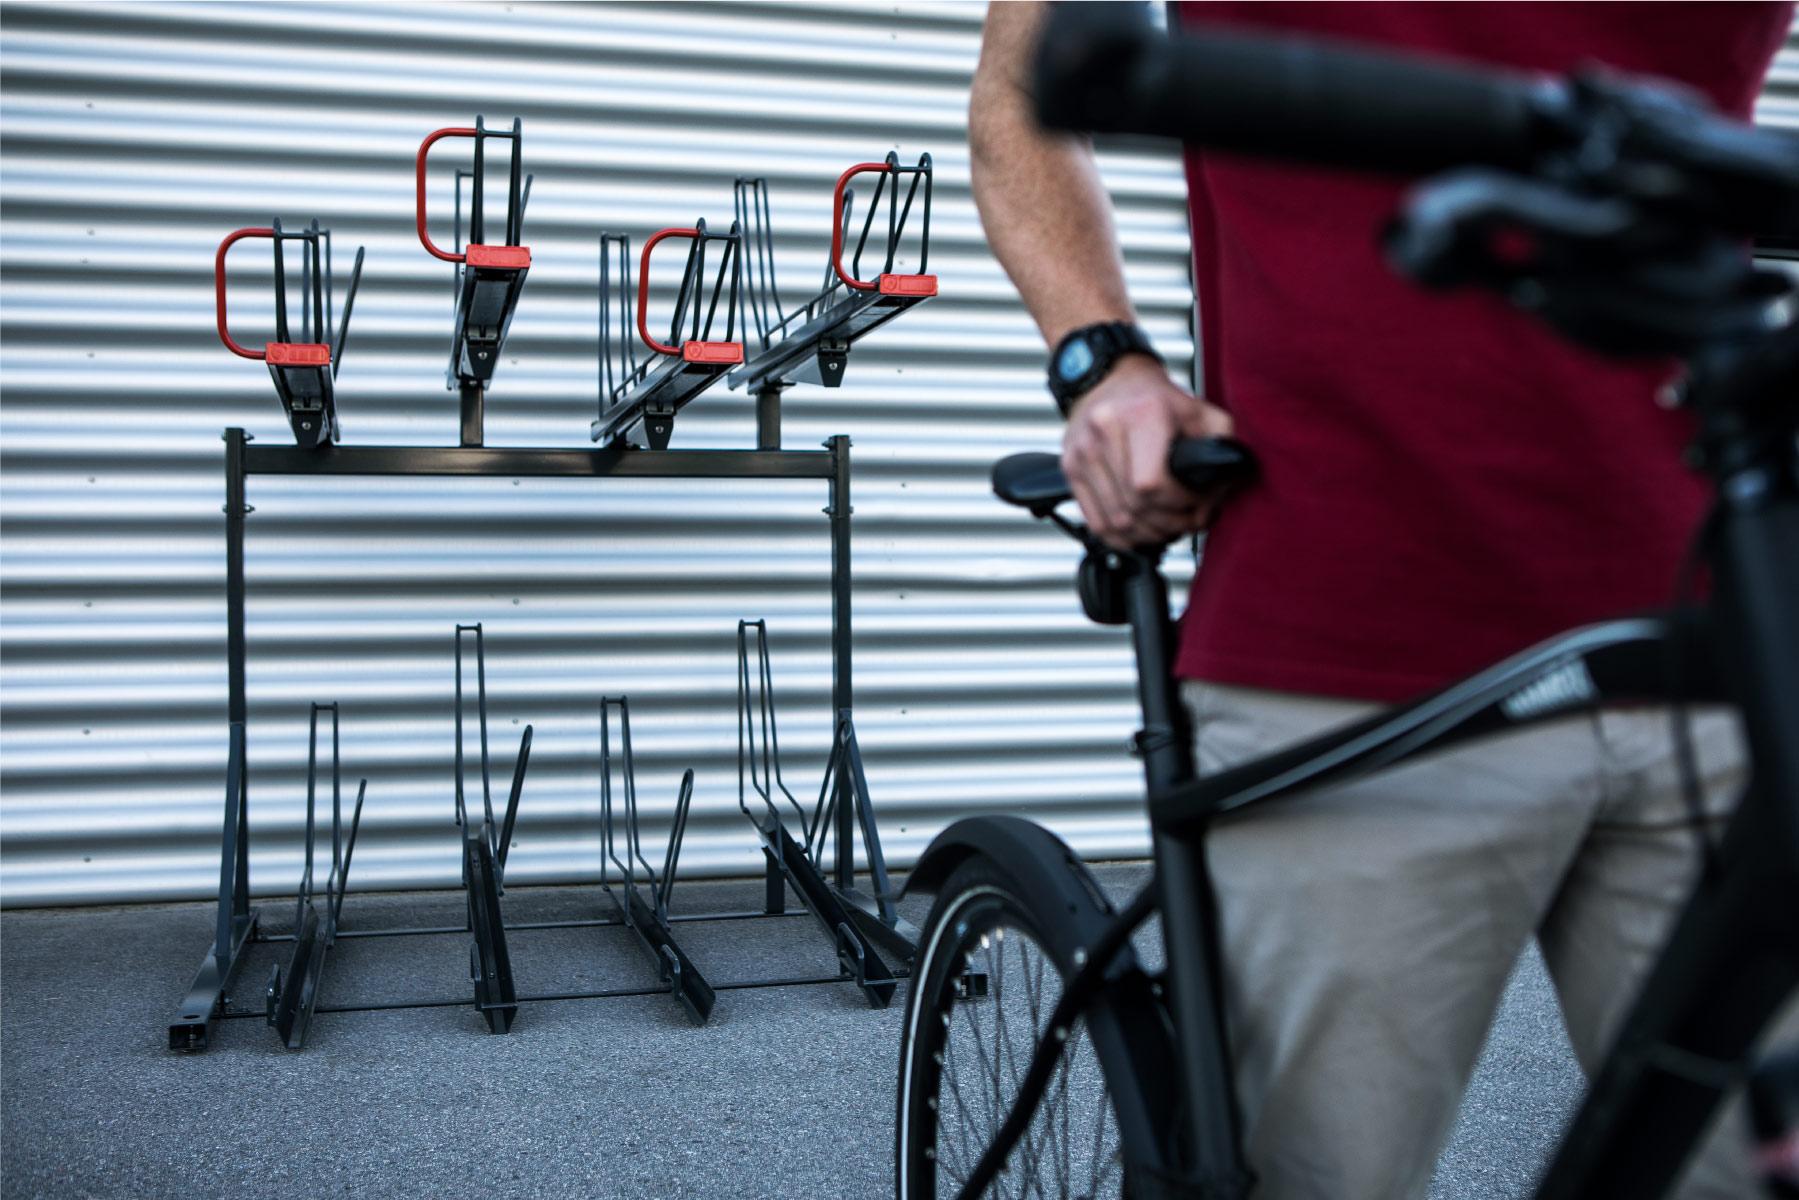 Cyklos OPTIMA tvåvåningsställ för cykel.